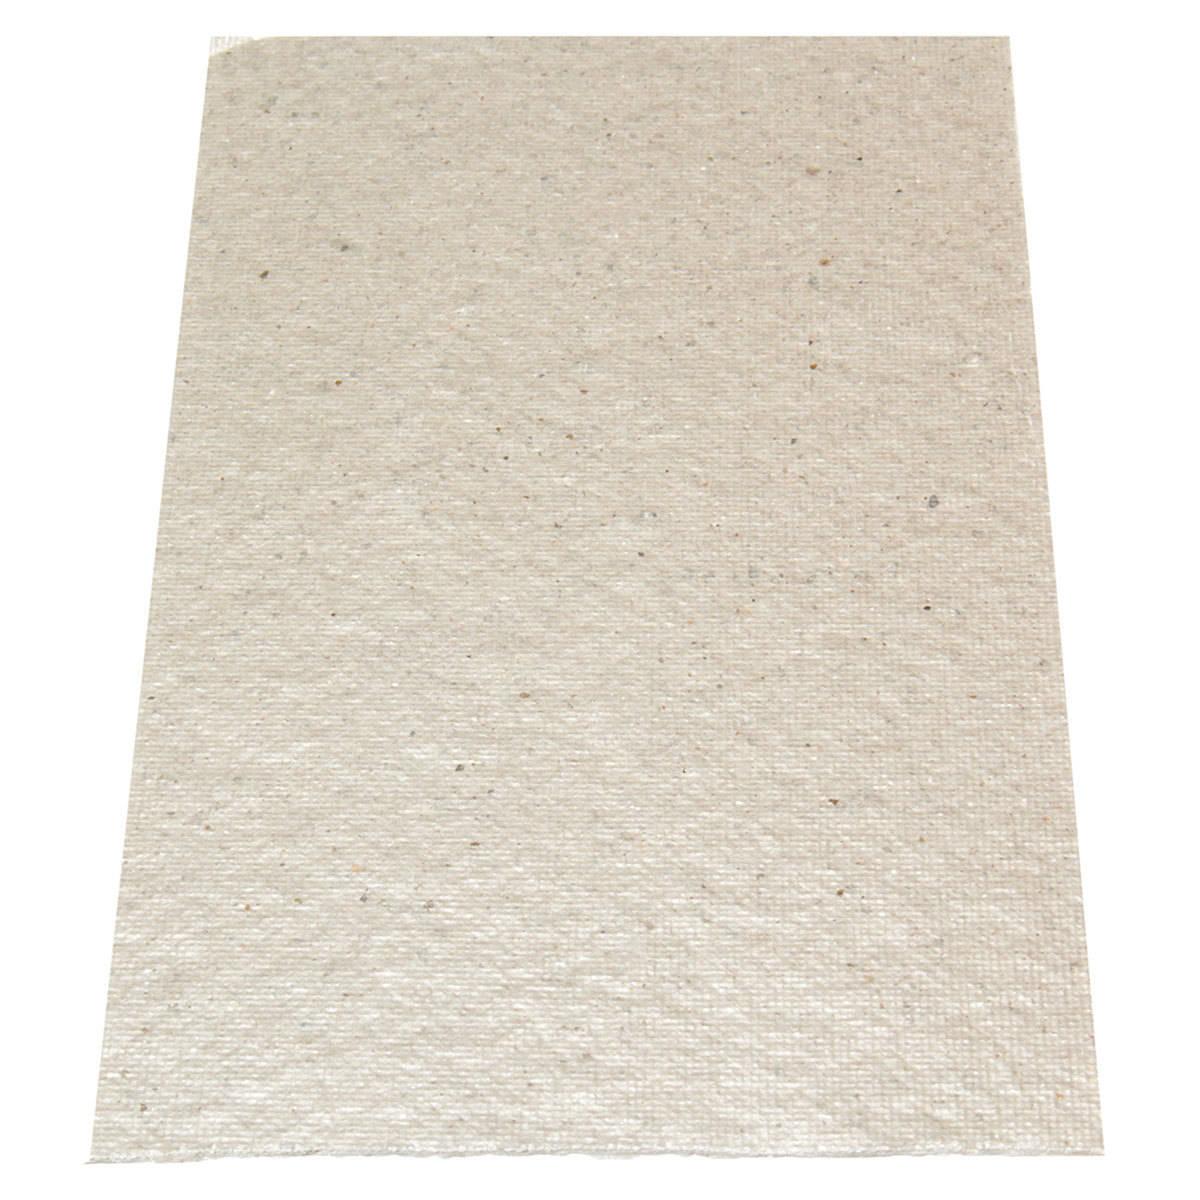 100 Feuille De Teflon Plaque Adhésive En Plastique